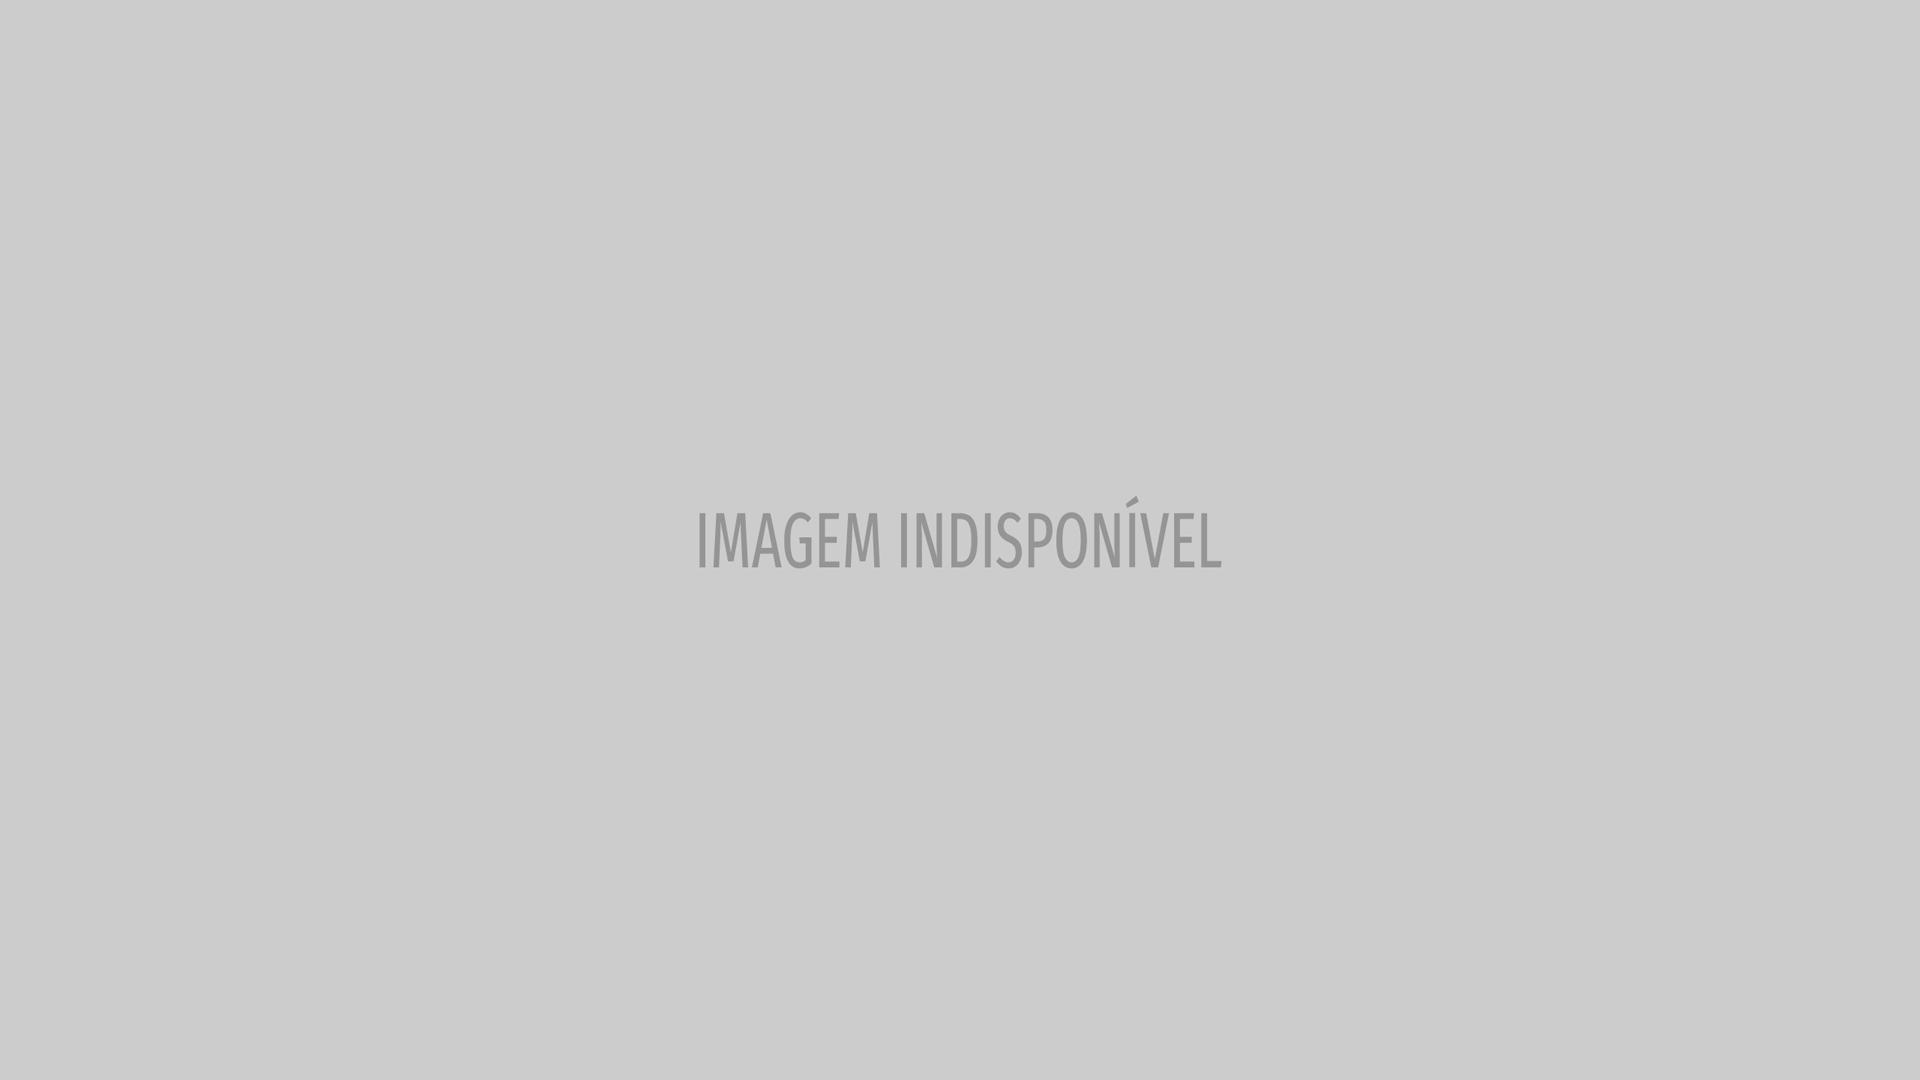 Marcelo Rezende teria deixado herança de R$ 12 milhões, diz colunista